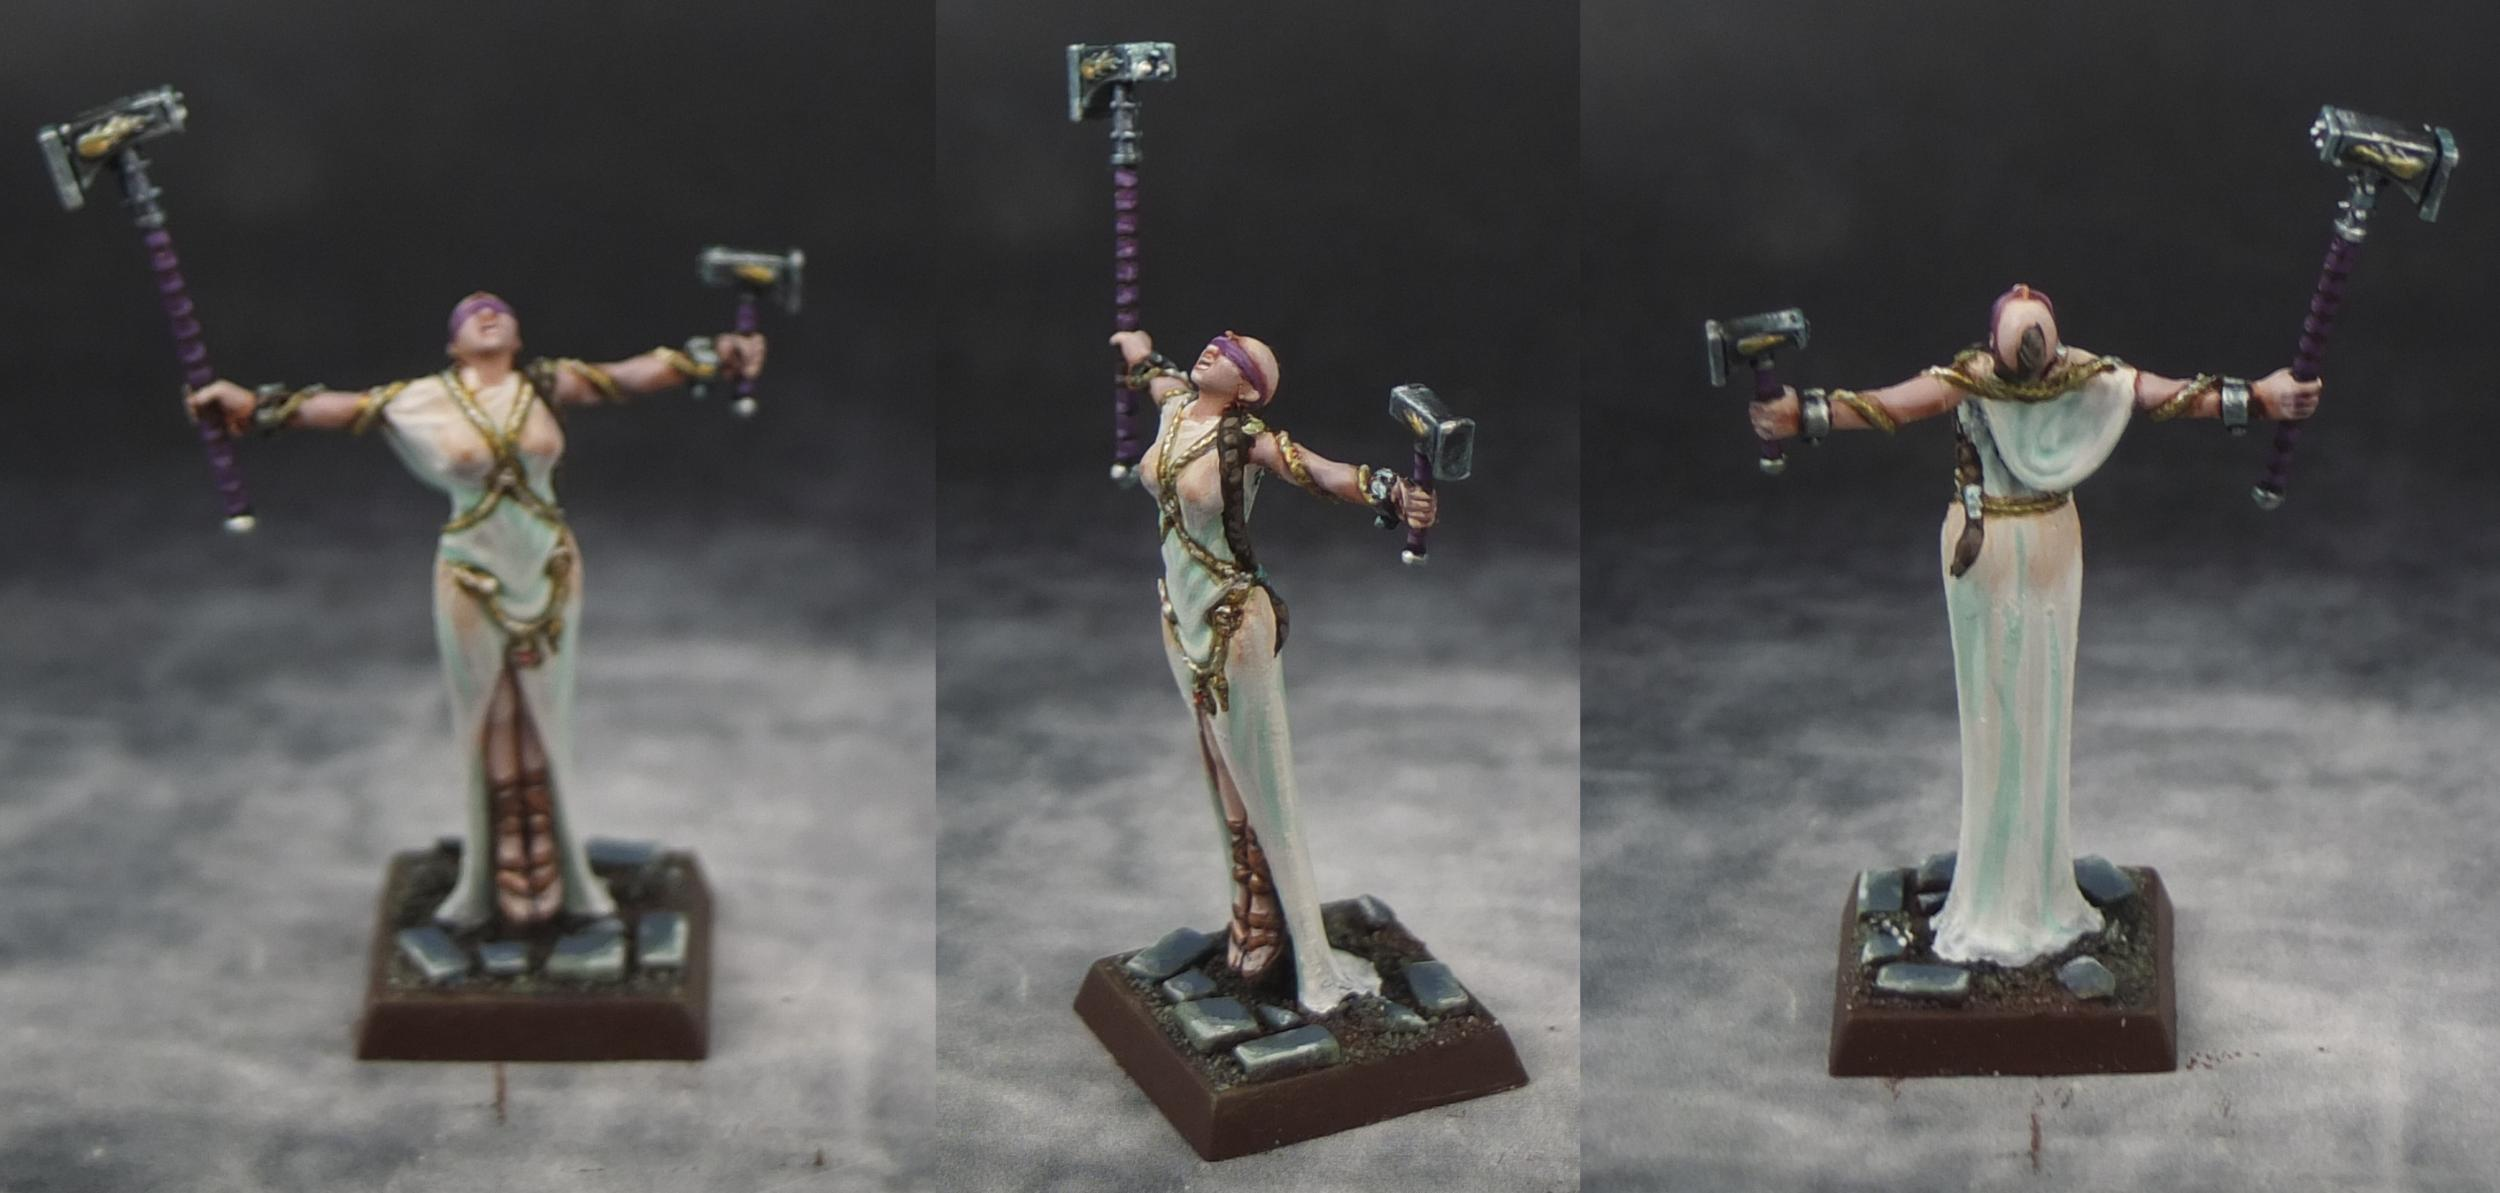 Sisters-of-seren-warband-miniatures.JPG